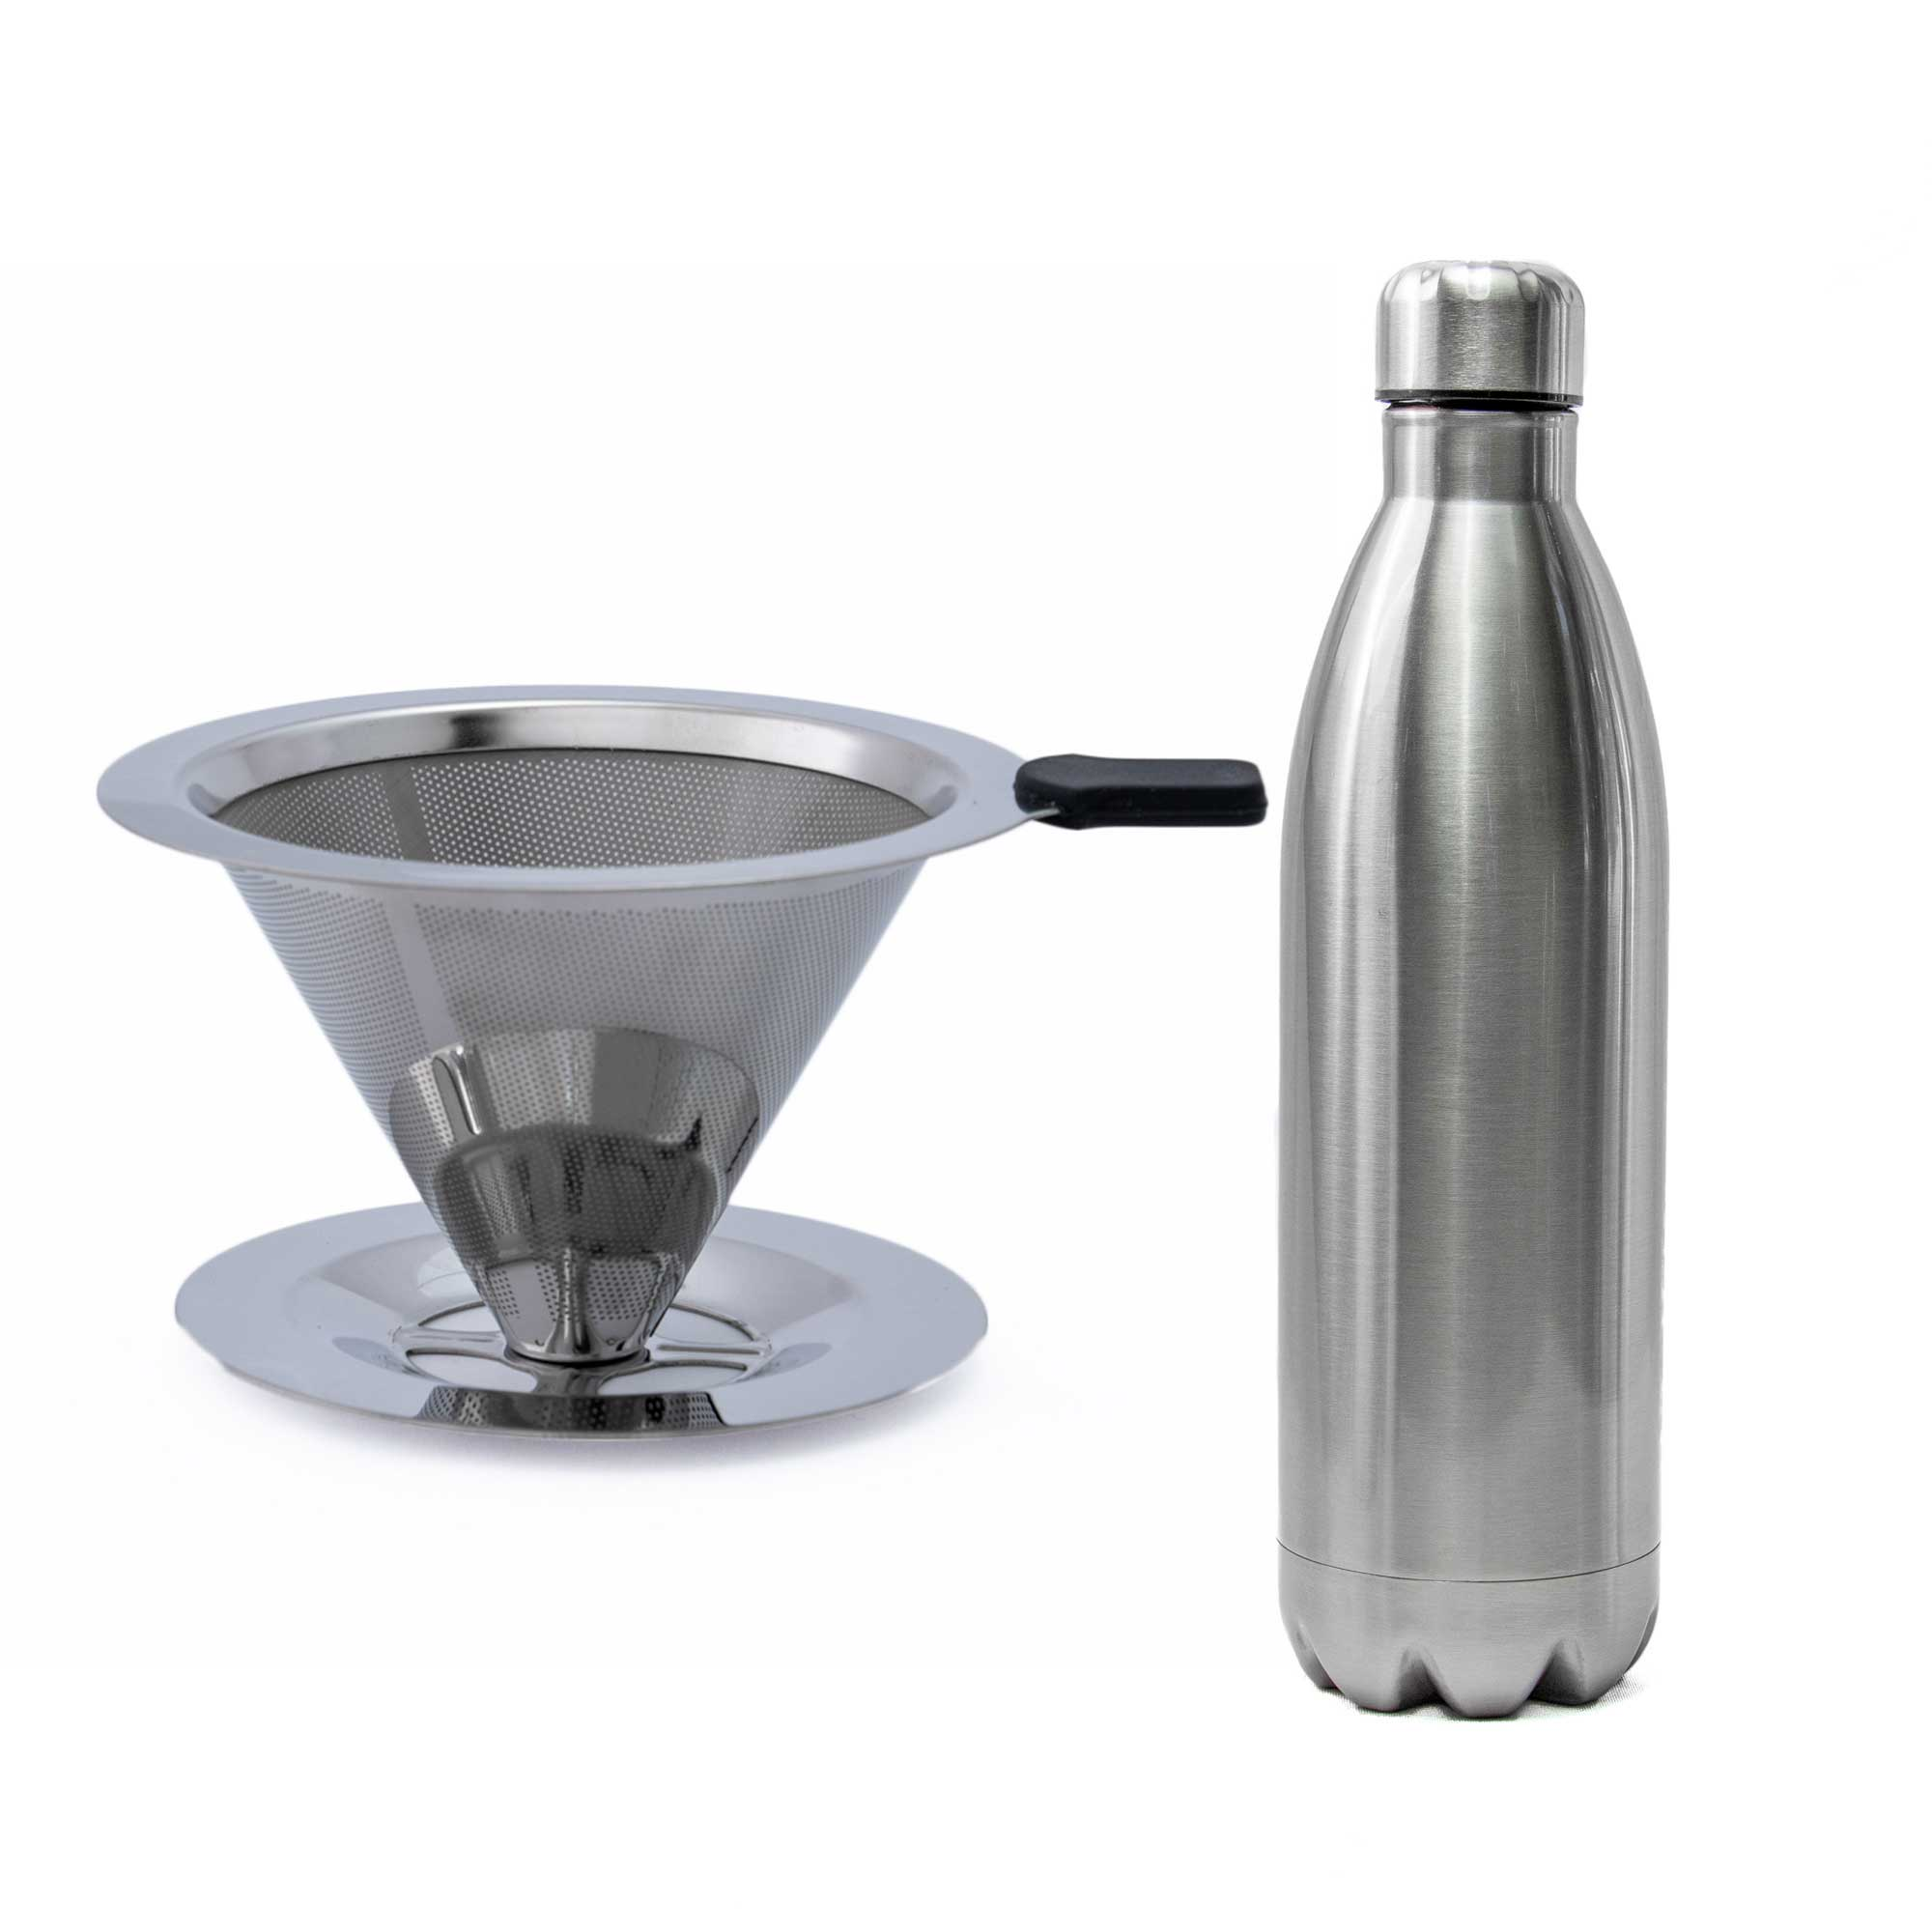 Filtro Coador de Café de Aço Inox Premium 102 e Garrafa Térmica de Inox 1L